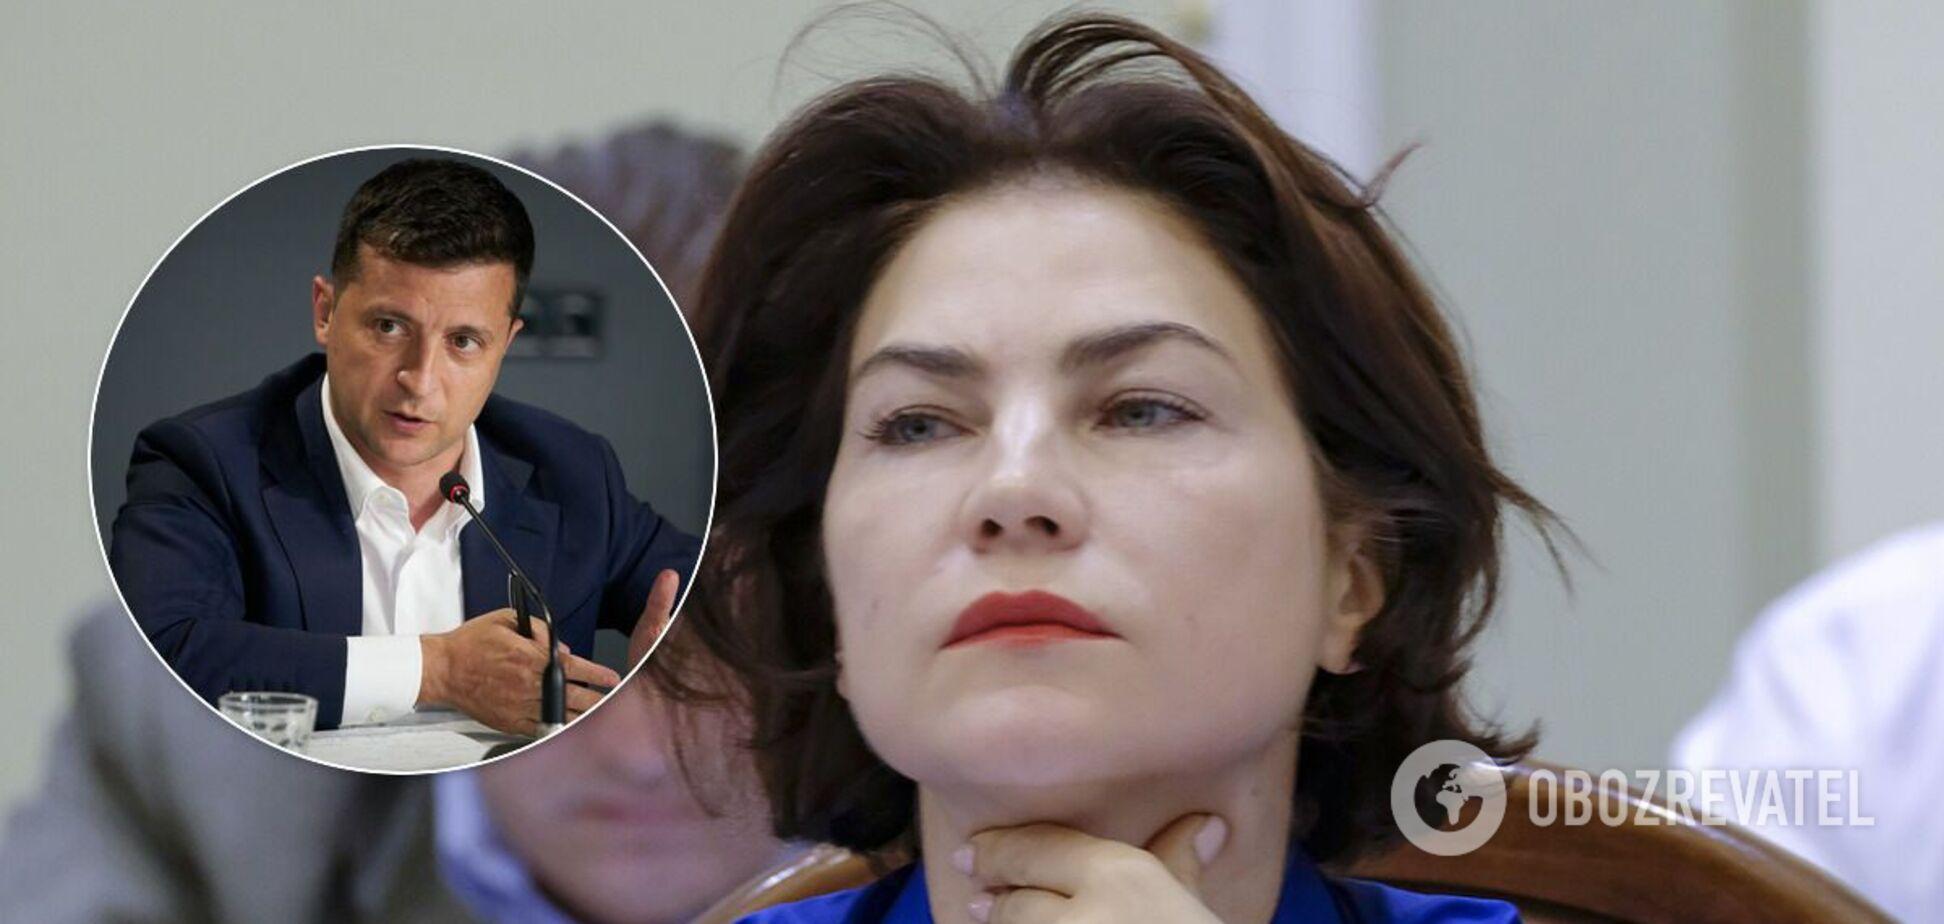 Венедіктова заявила про необхідність посадок після заяви Зеленського